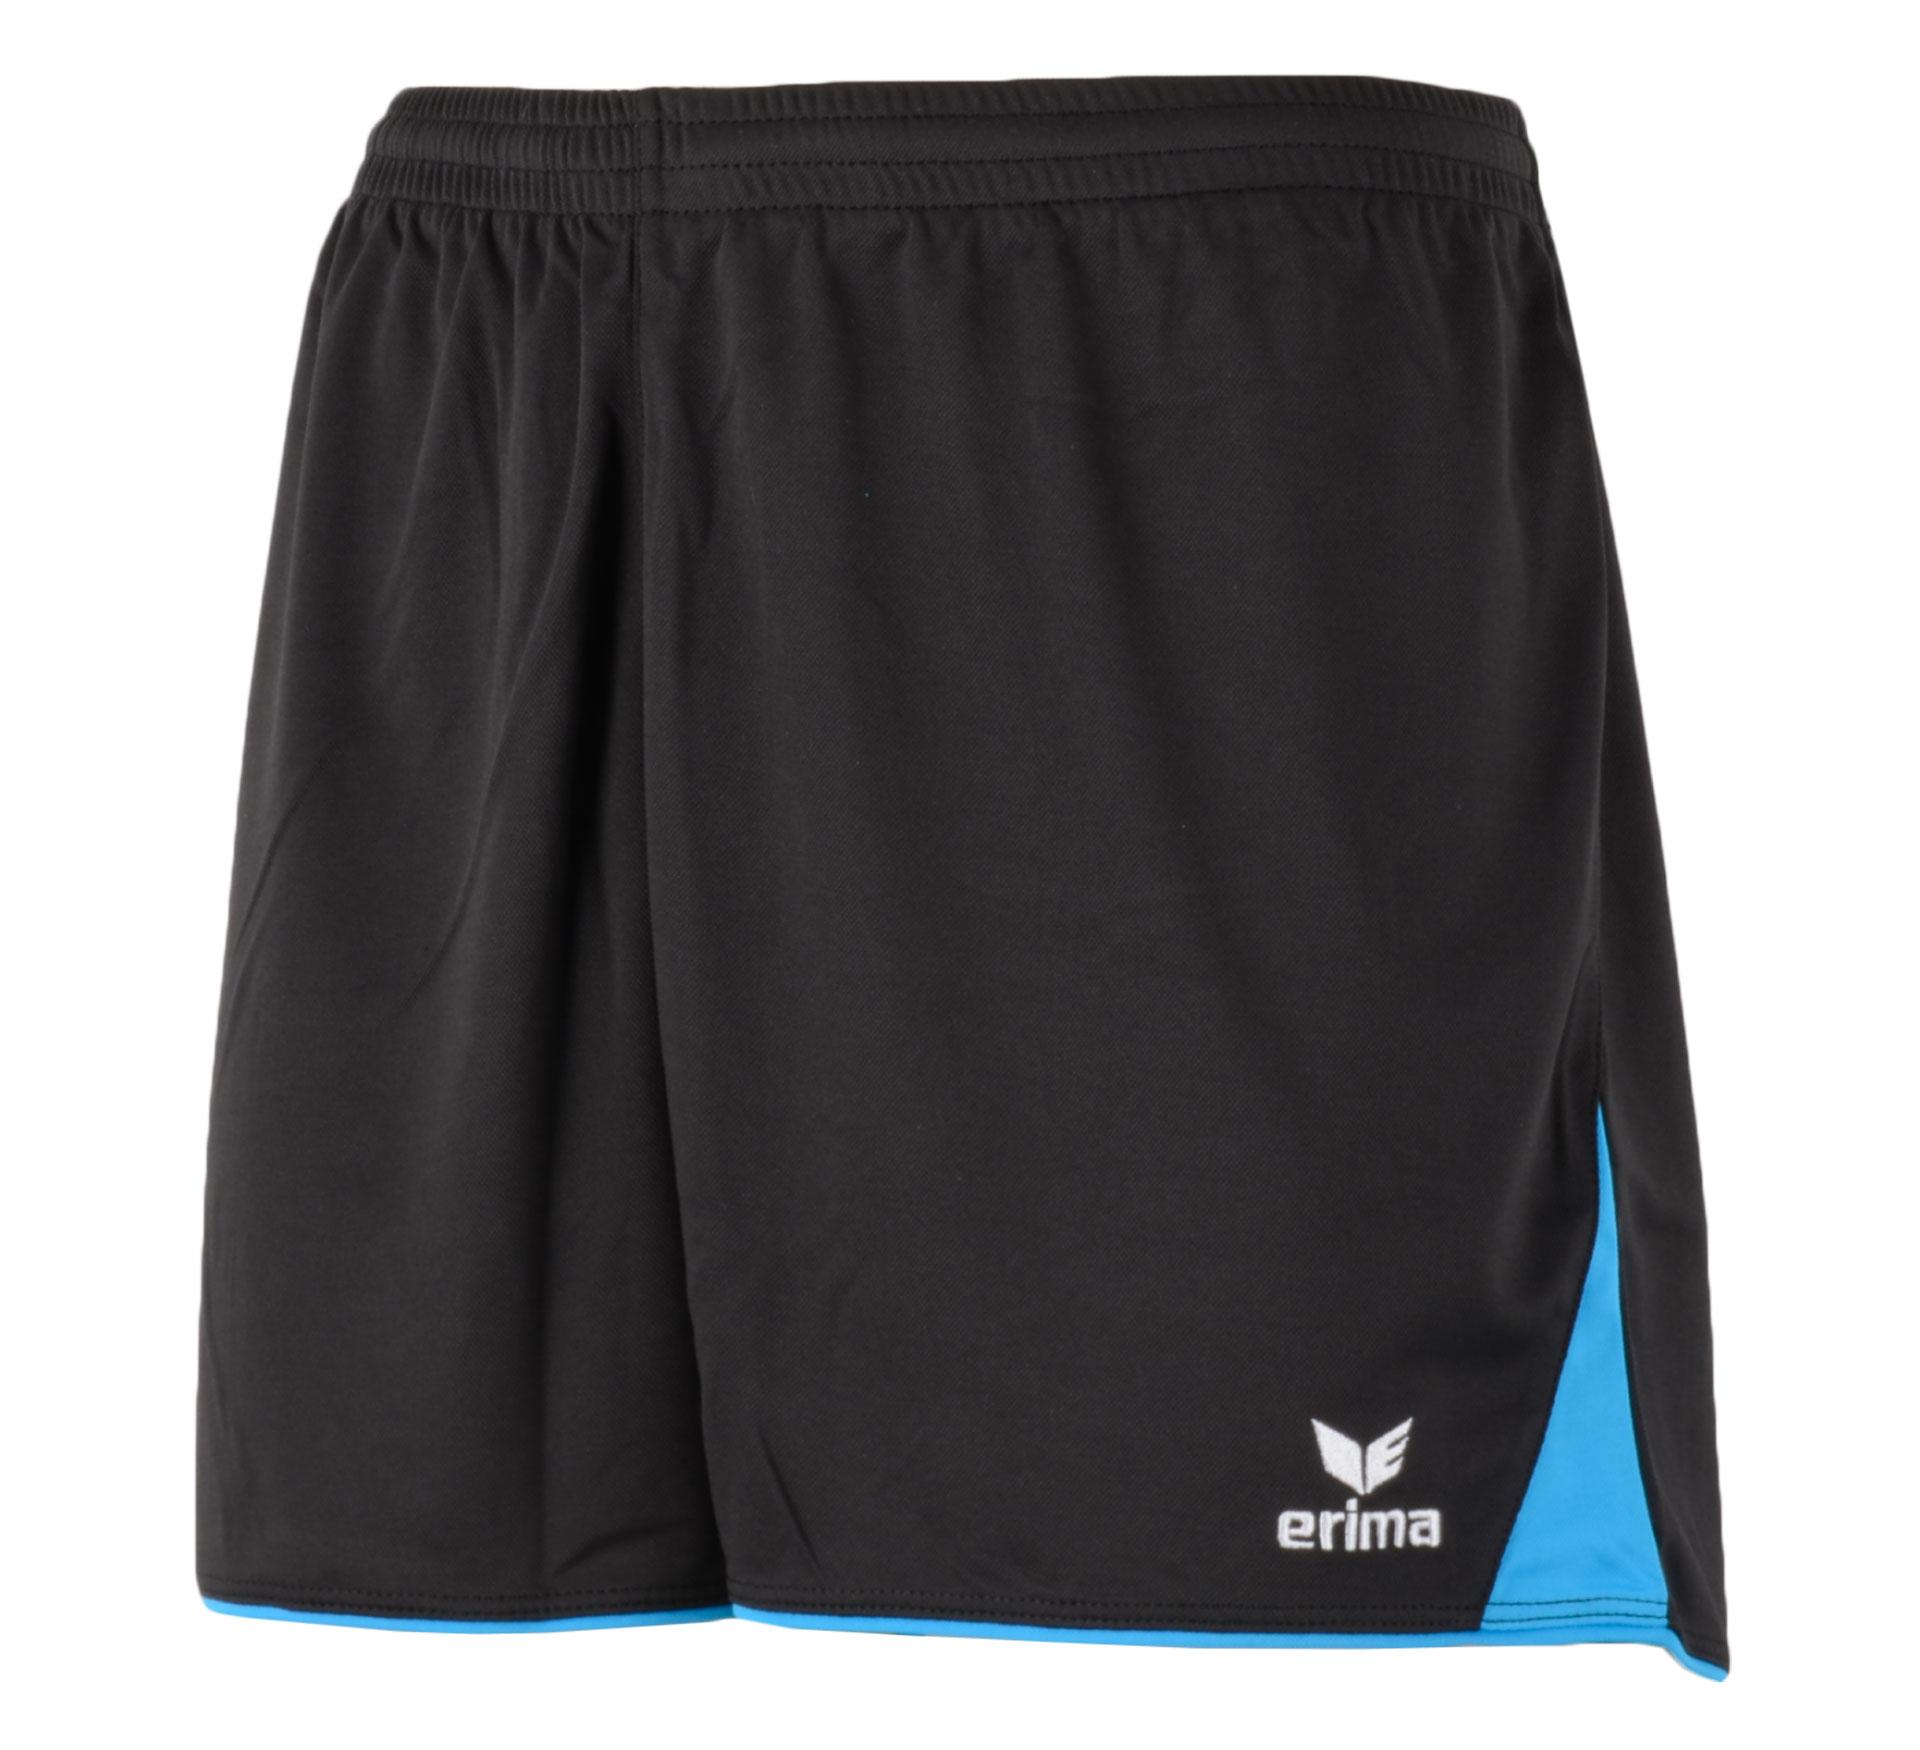 Erima  5-Cubes Short zwart - blauw